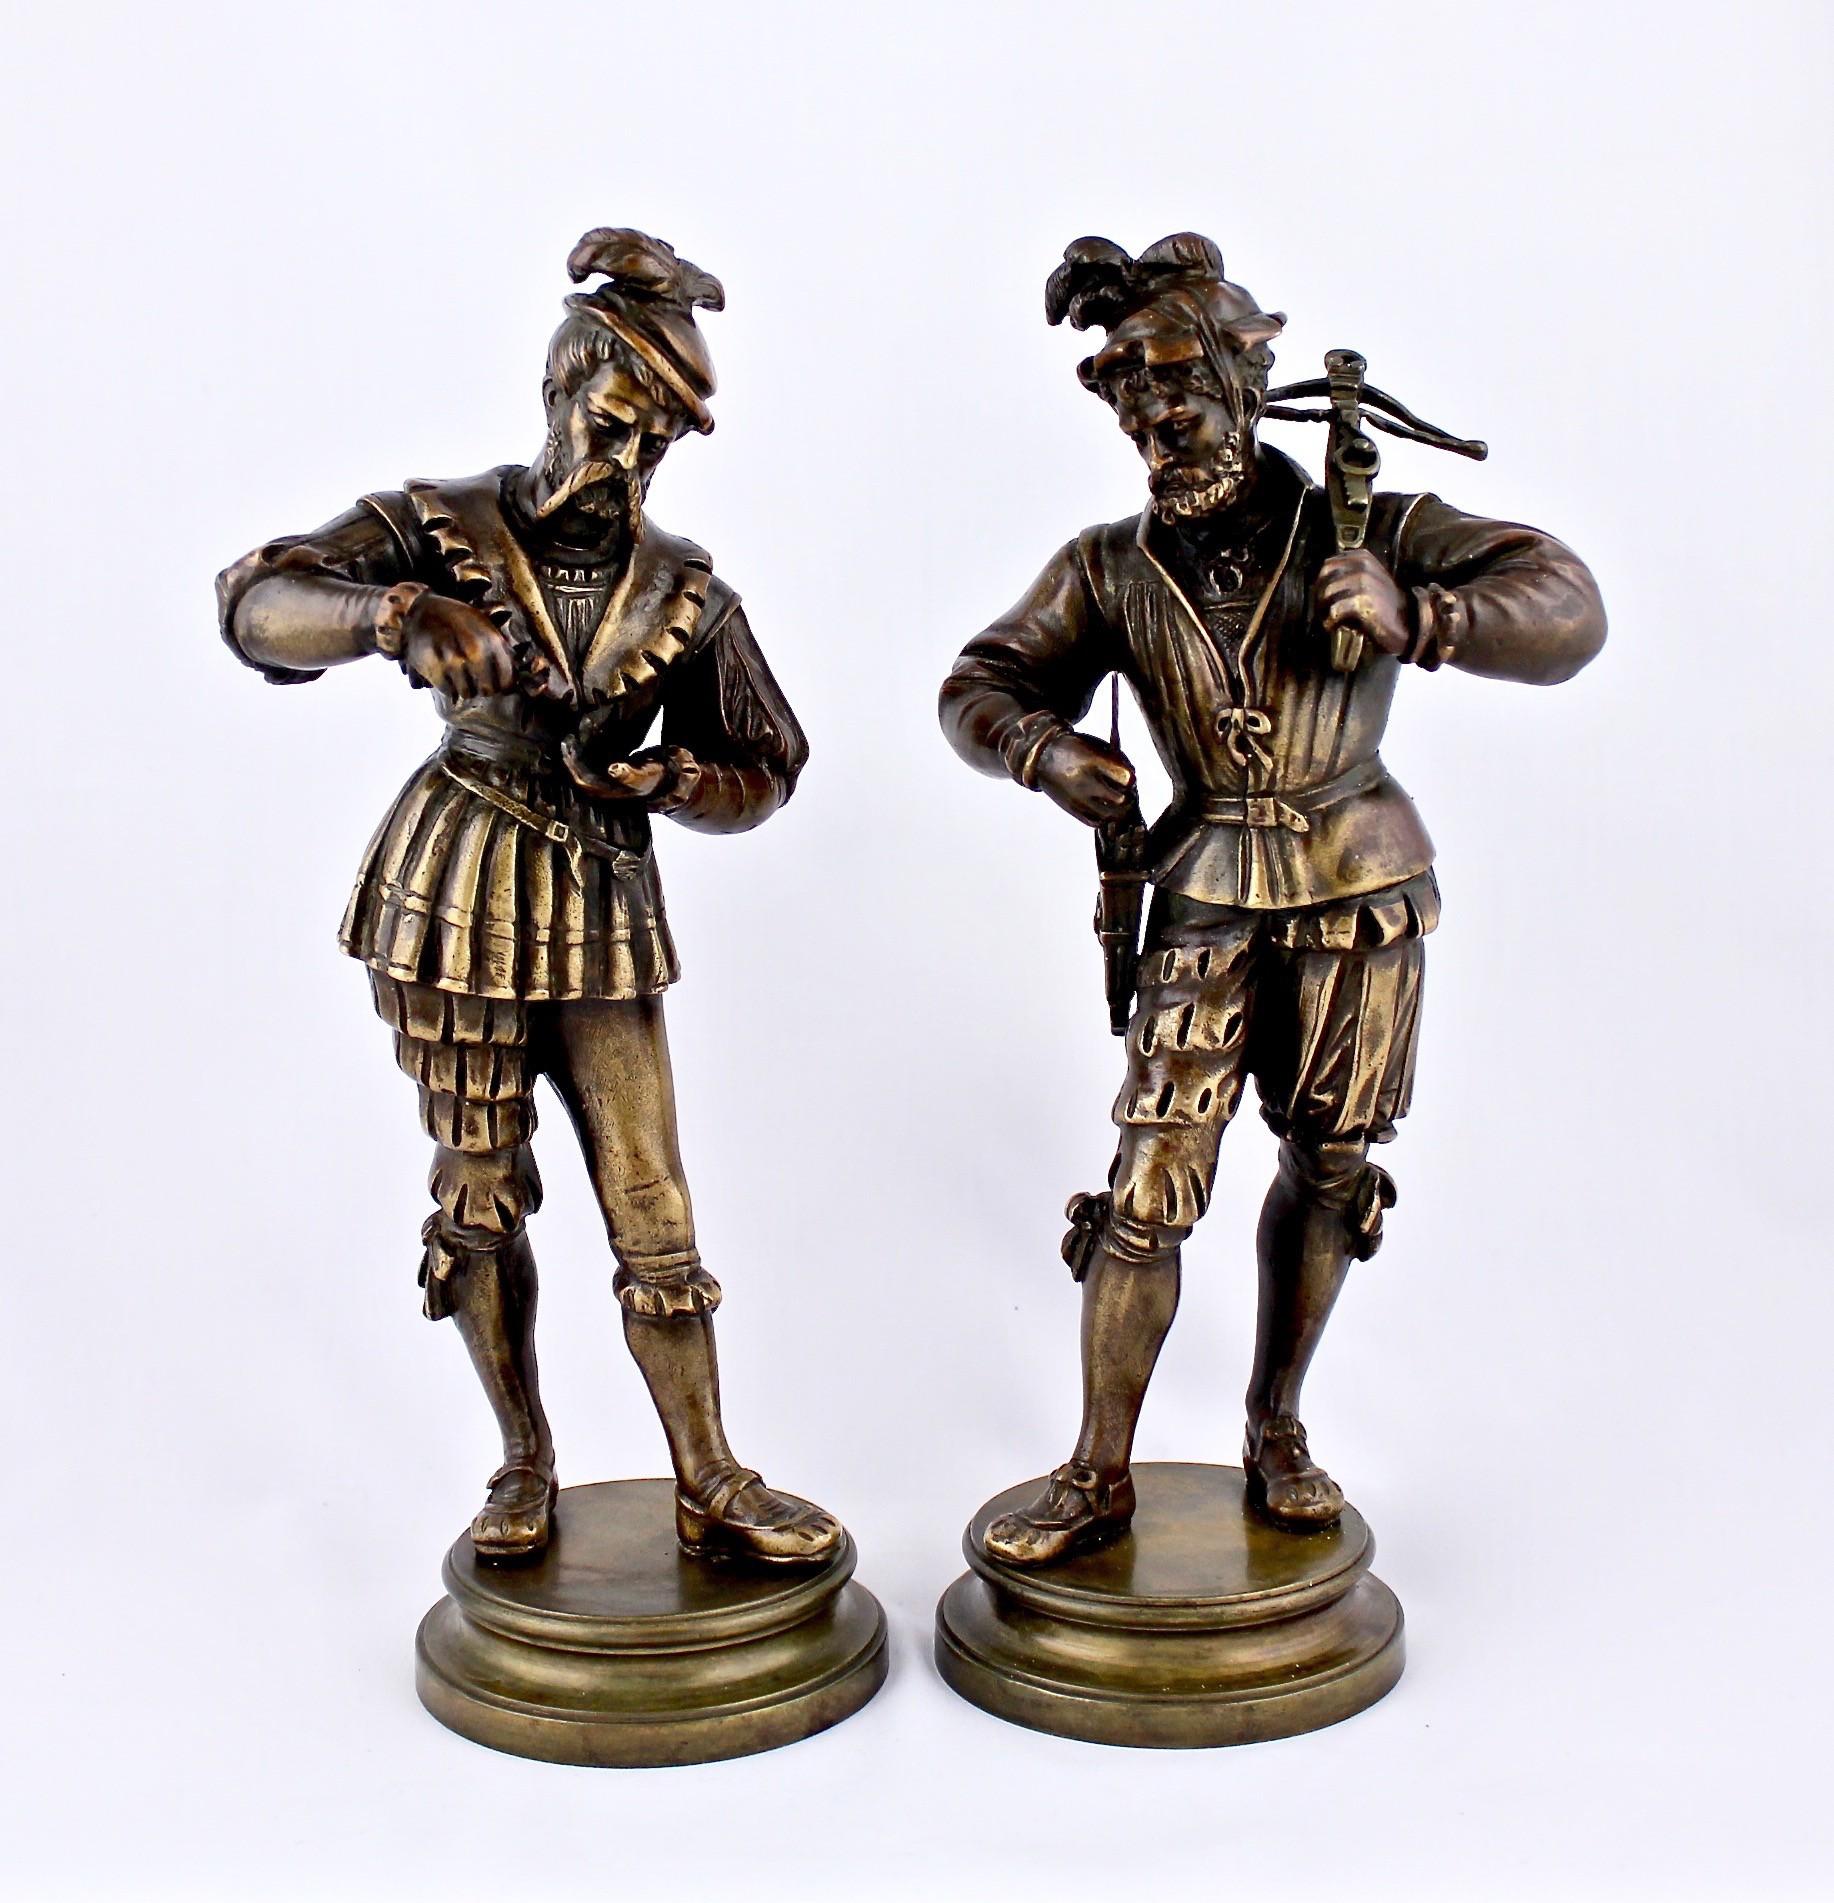 Старинные парные статуэтки солдатов. Баталия.